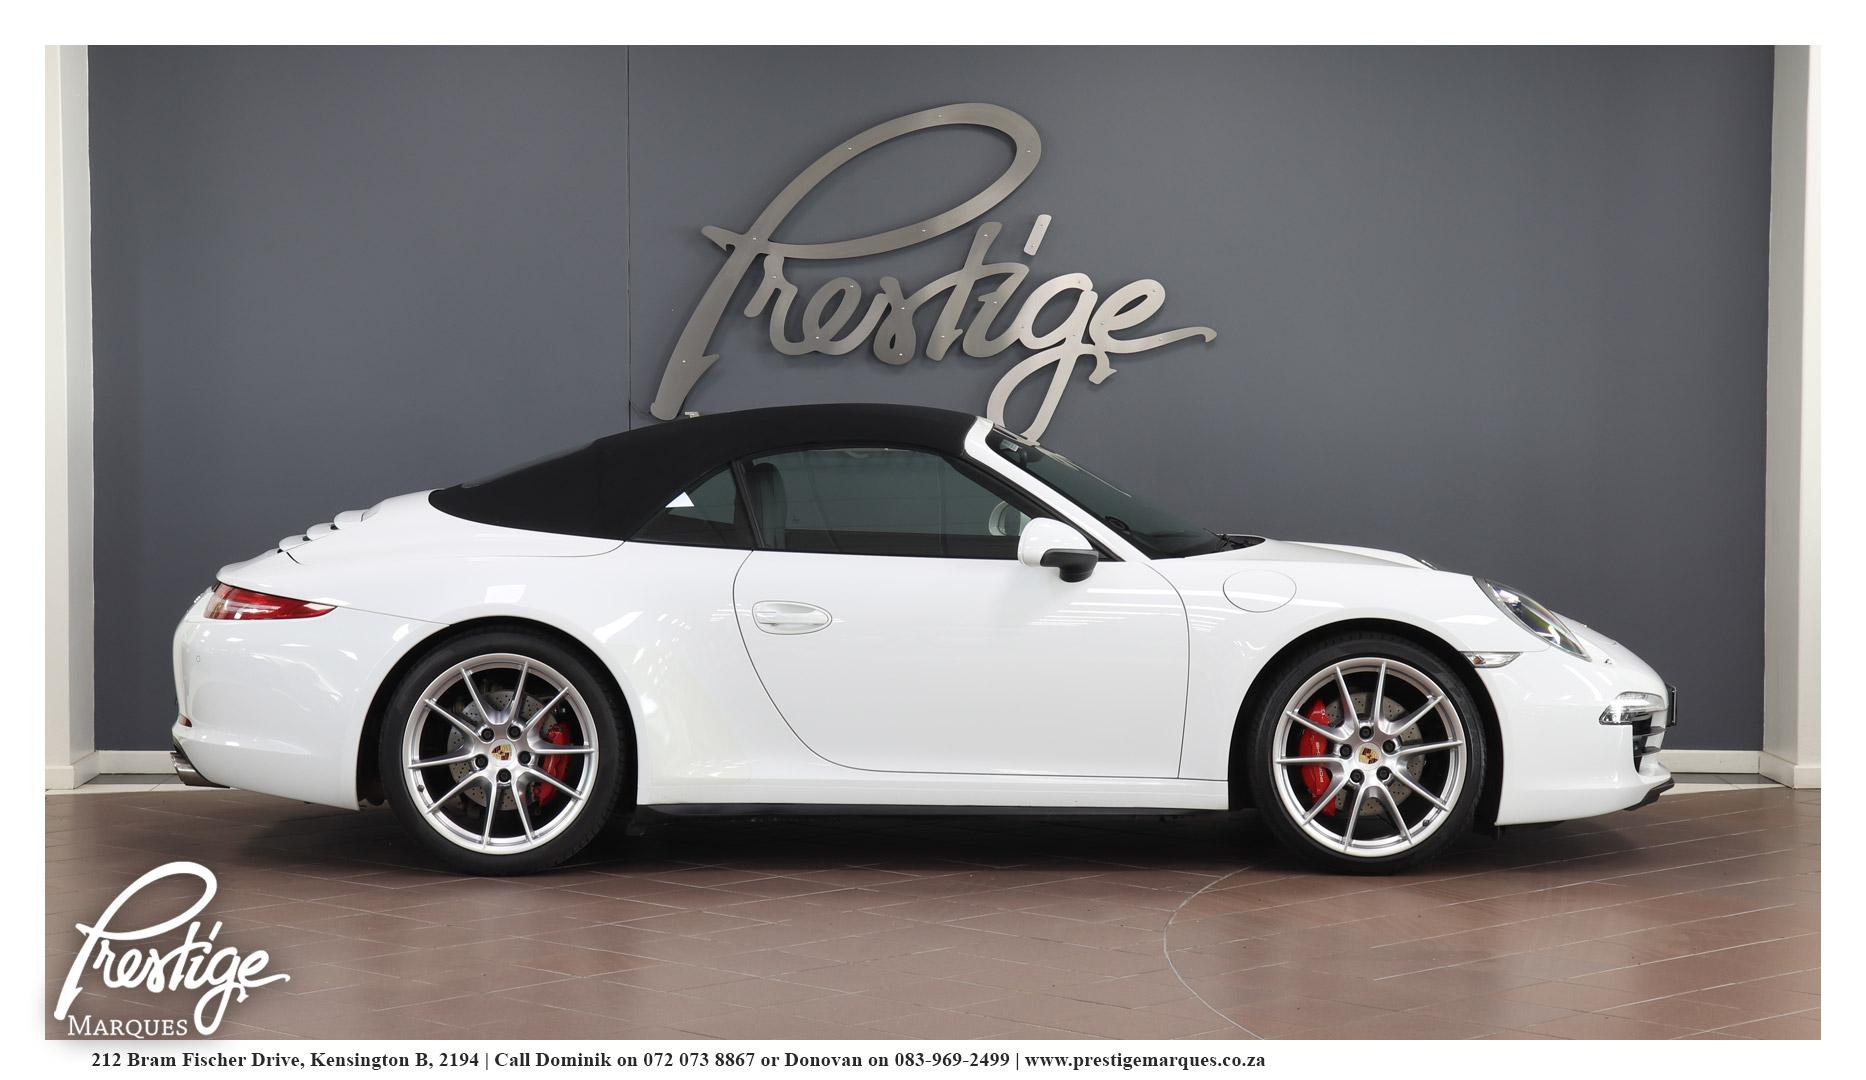 2013-Porsche-911-991-Carrera-4s-PDK-Cabriolet-Prestige-Marques-Randburg-Sandton-4